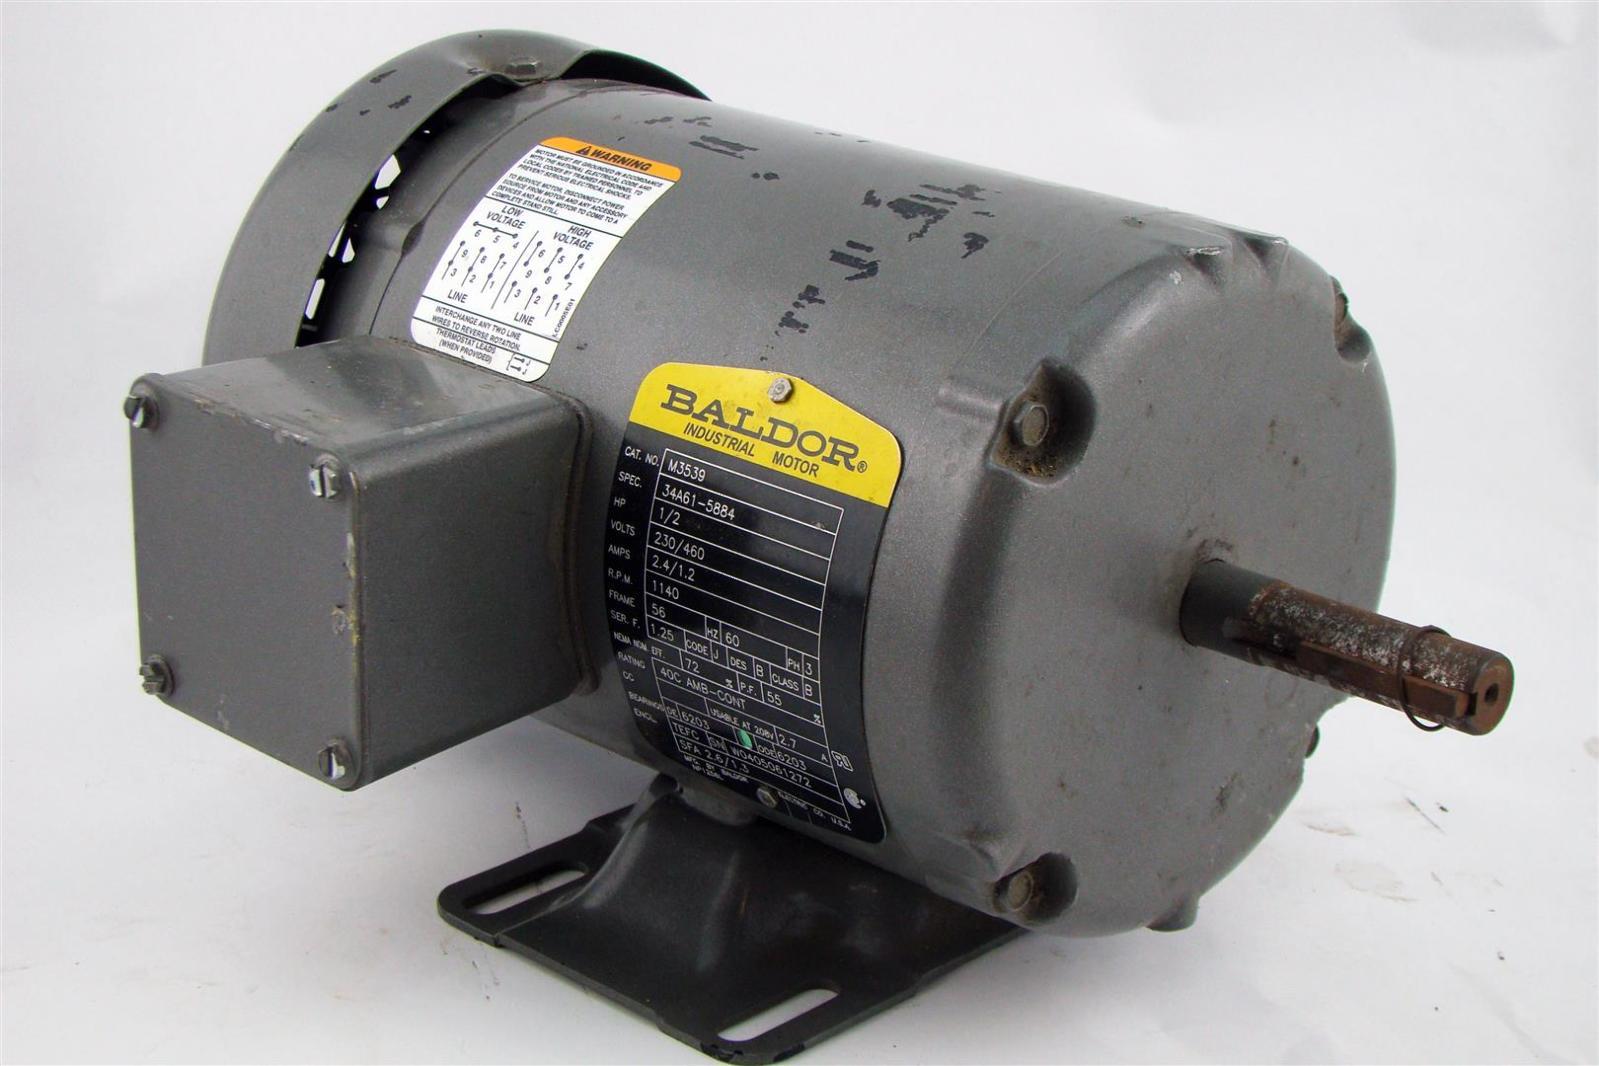 Baldor Electricric Motor 5hp 230 460v 1 2a 2 5